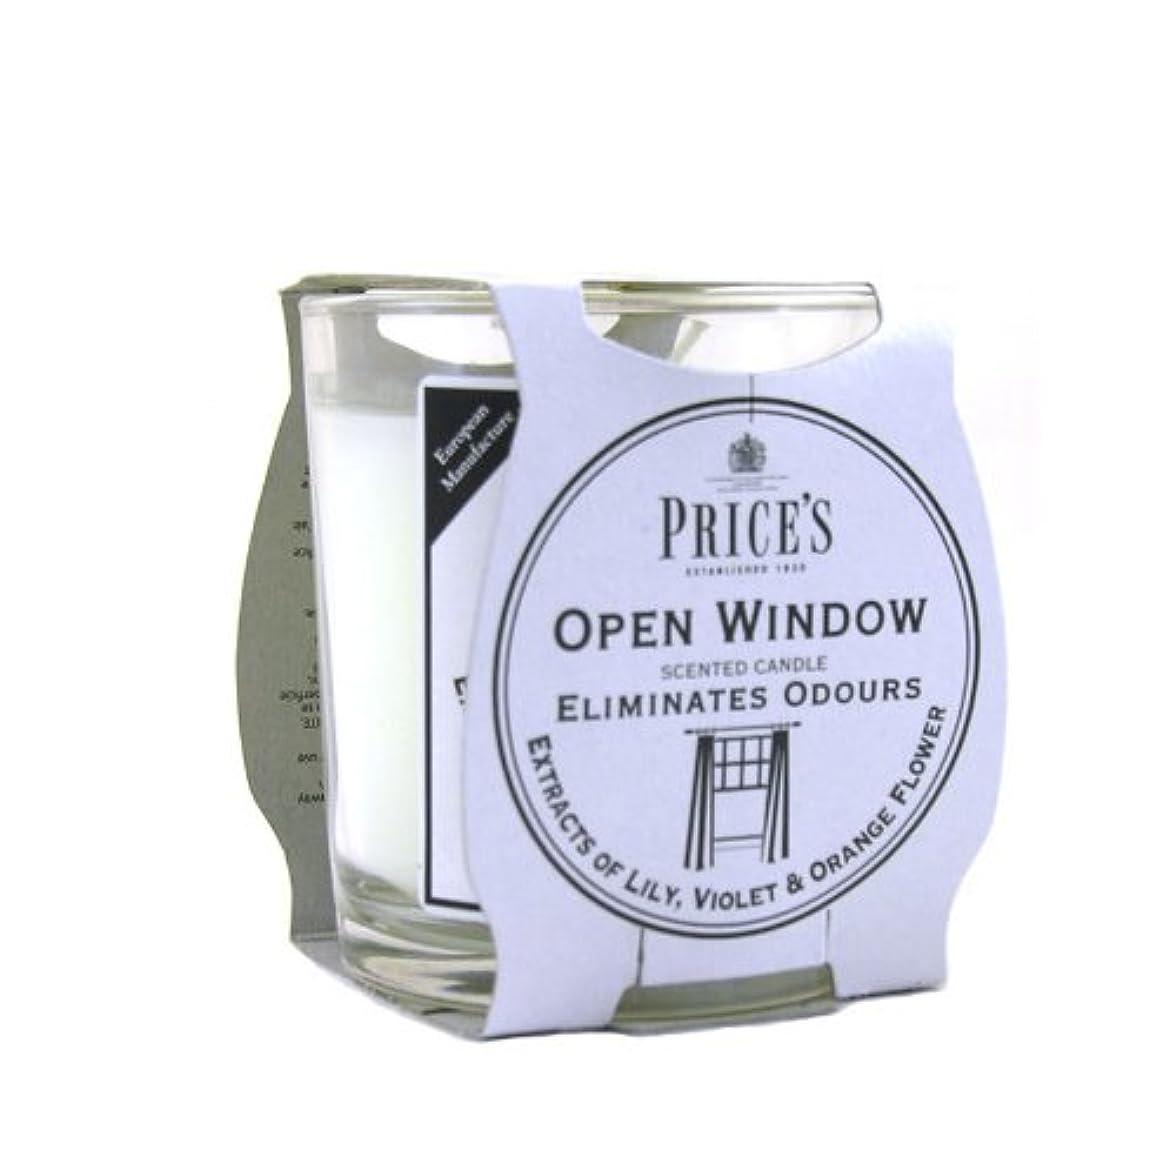 泣く傾向があります融合Price′s(プライシズ) Fresh Air CANDLE TIN Jar type (フレッシュエアー キャンドル ジャータイプ) OPEN WINDOW(オープンウィンドゥ)